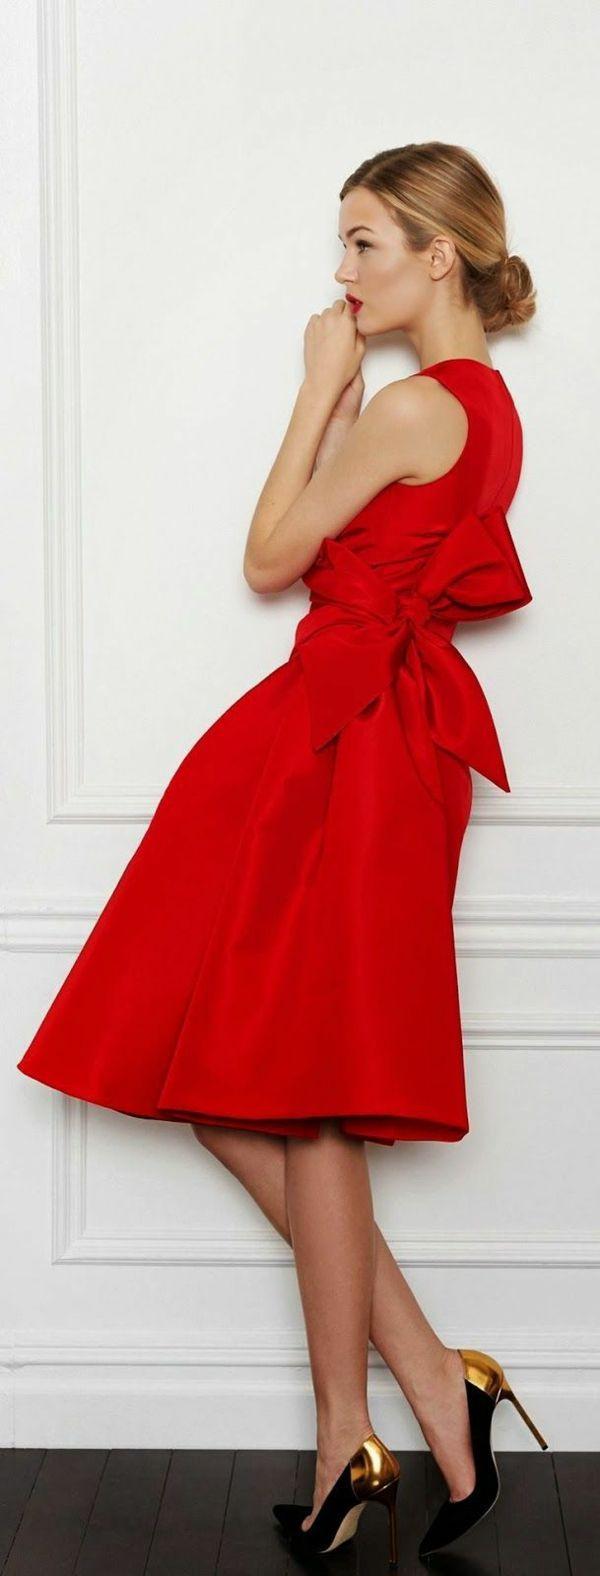 Rotes Kleid Kaufen: Welche Frauen Tragen Gern Rot? | Rotes